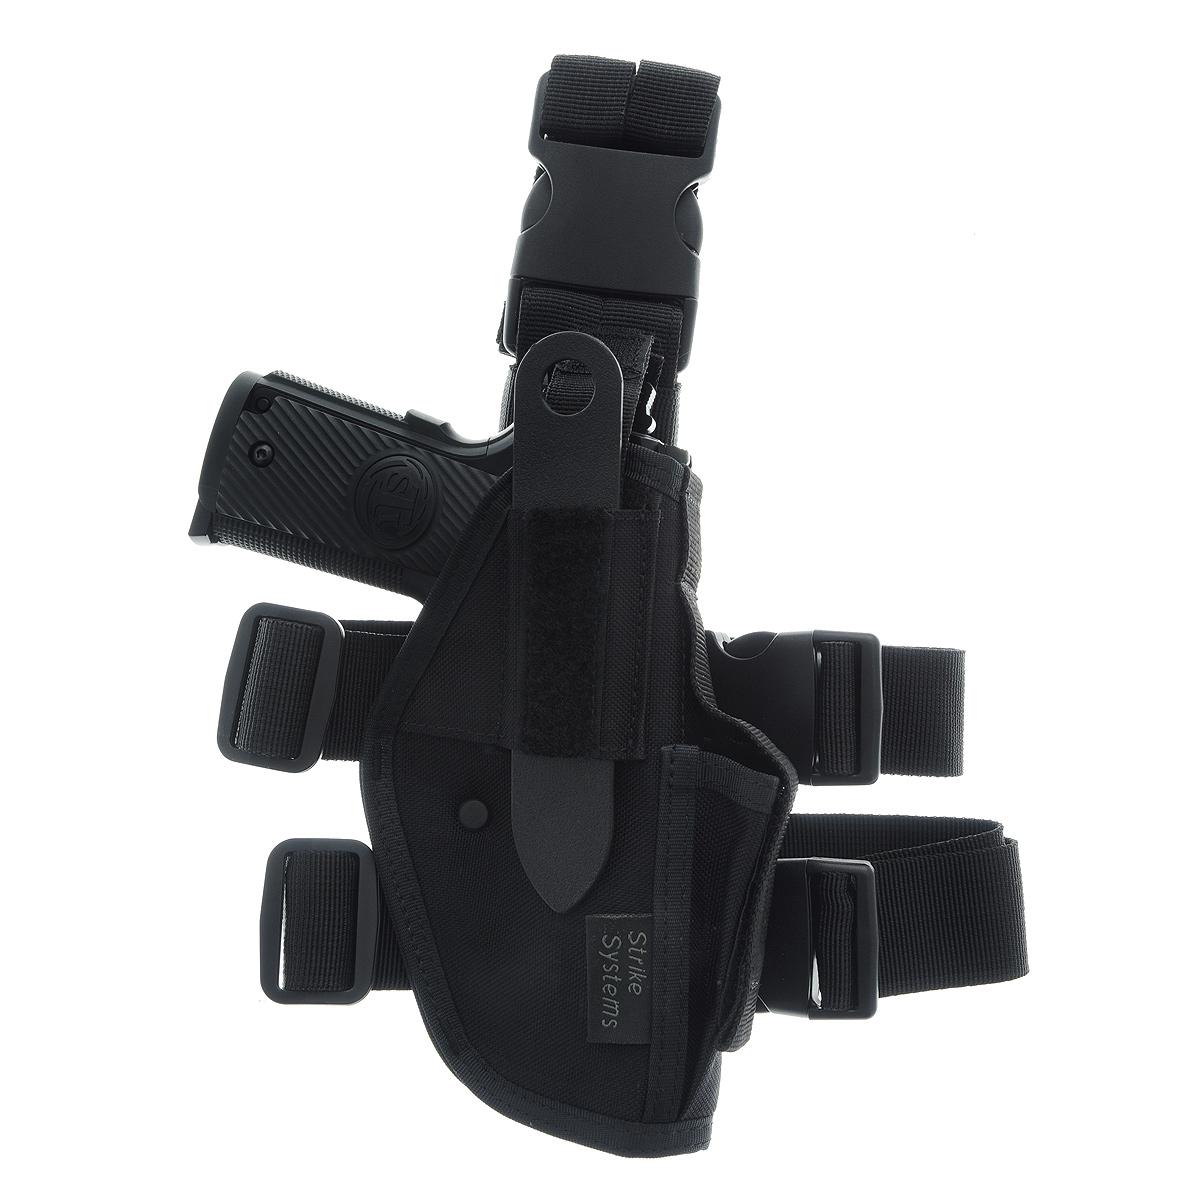 Кобура ASG набедренная для M92, G17/18, STI, CZ, Steyr, Bersa, цвет: Black (11968)G.22-MКобура набедренная для пневматических и страйкбольных пистолетов серий M92, G17/18, STI, CZ, Steyr, Bersa (полноразмерные и среднеразмерные - Full Frame и Mid Frame) с подсумком для запасного магазина.Предназначена для ношения в тире и на полигоне. Показанные на фото оружие и аксессуары в комплект не входят. Не рассчитана на использование с боевым оружием.Регулируется по высоте.Застежка-фастекс для быстрого снятия.Два эластичных ремня с застежками для бедра.В комплекте приспособление для удобной регулировки.Двойные швы.Из износостойкого и влагостойкого нейлона.Возвраттоваравозможен только при наличии заключения сервисного центра.Время работы сервисного центра: Пн-чт: 10.00-18.00 Пт: 10.00- 17.00Сб, Вс: выходные дниАдрес: ООО ГАТО, 121471, г.Москва,ул.ПетраАлексеева,д12., тел. (495)232-4670, gato@gato.ruХарактеристики: Материал: нейлон, пластик. Размер кобуры: 31 см х 12 см х 7 см. Размер упаковки: 36 см х 26 см х 7 см. Артикул: 11968. Уважаемые покупатели, обращаем Ваше внимание что авиадоставка в нижеперечисленные города этого товара временно недоступна! 1. Ангарск 2. Благовещенск 3. Бодайбо 4. Братск 5. Владивосток 6. Воркута 7. Иркутск 8. Калининград 9. Надым 10. Нарьян-Мар 11. Находка 12. Норильск 13. Петропавловск-Камчатский 14. Салехард 15. Улан-Удэ 16. Уссурийск 17. Ухта 18. Хабаровск 19. Чита 20. Энергетик 21. Южно-Сахалинск 22. Якутск